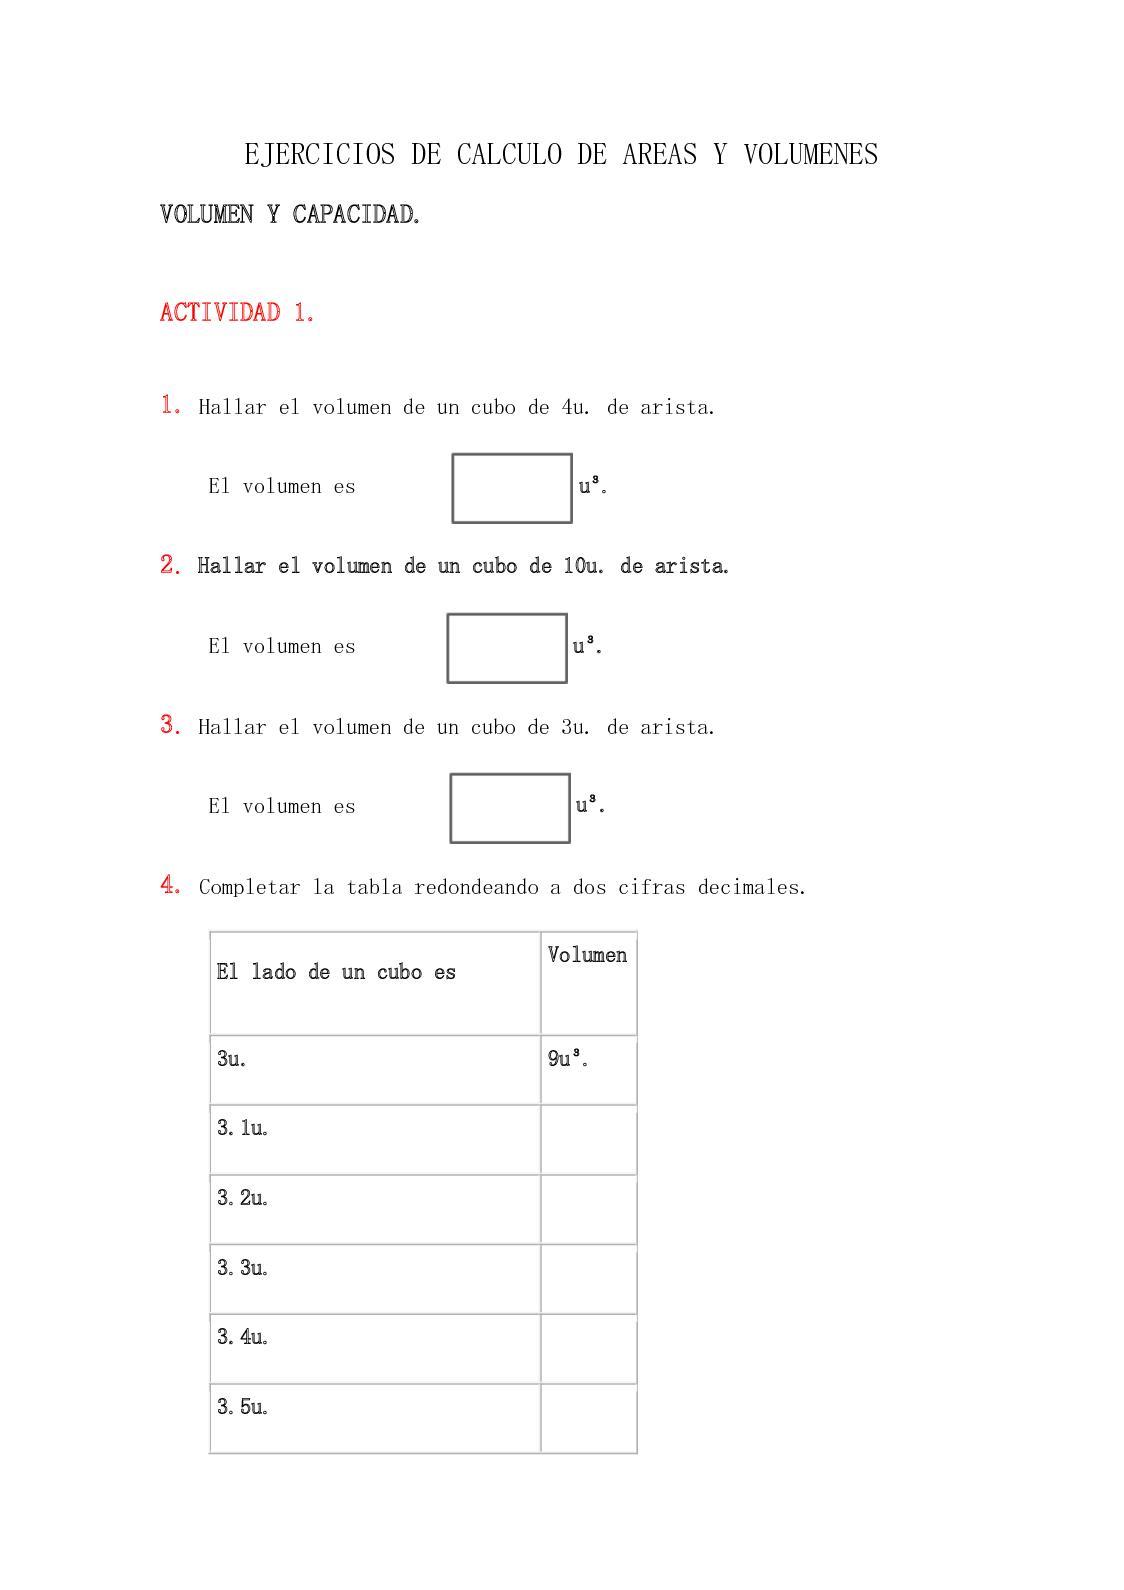 tabla de volumenes y areas